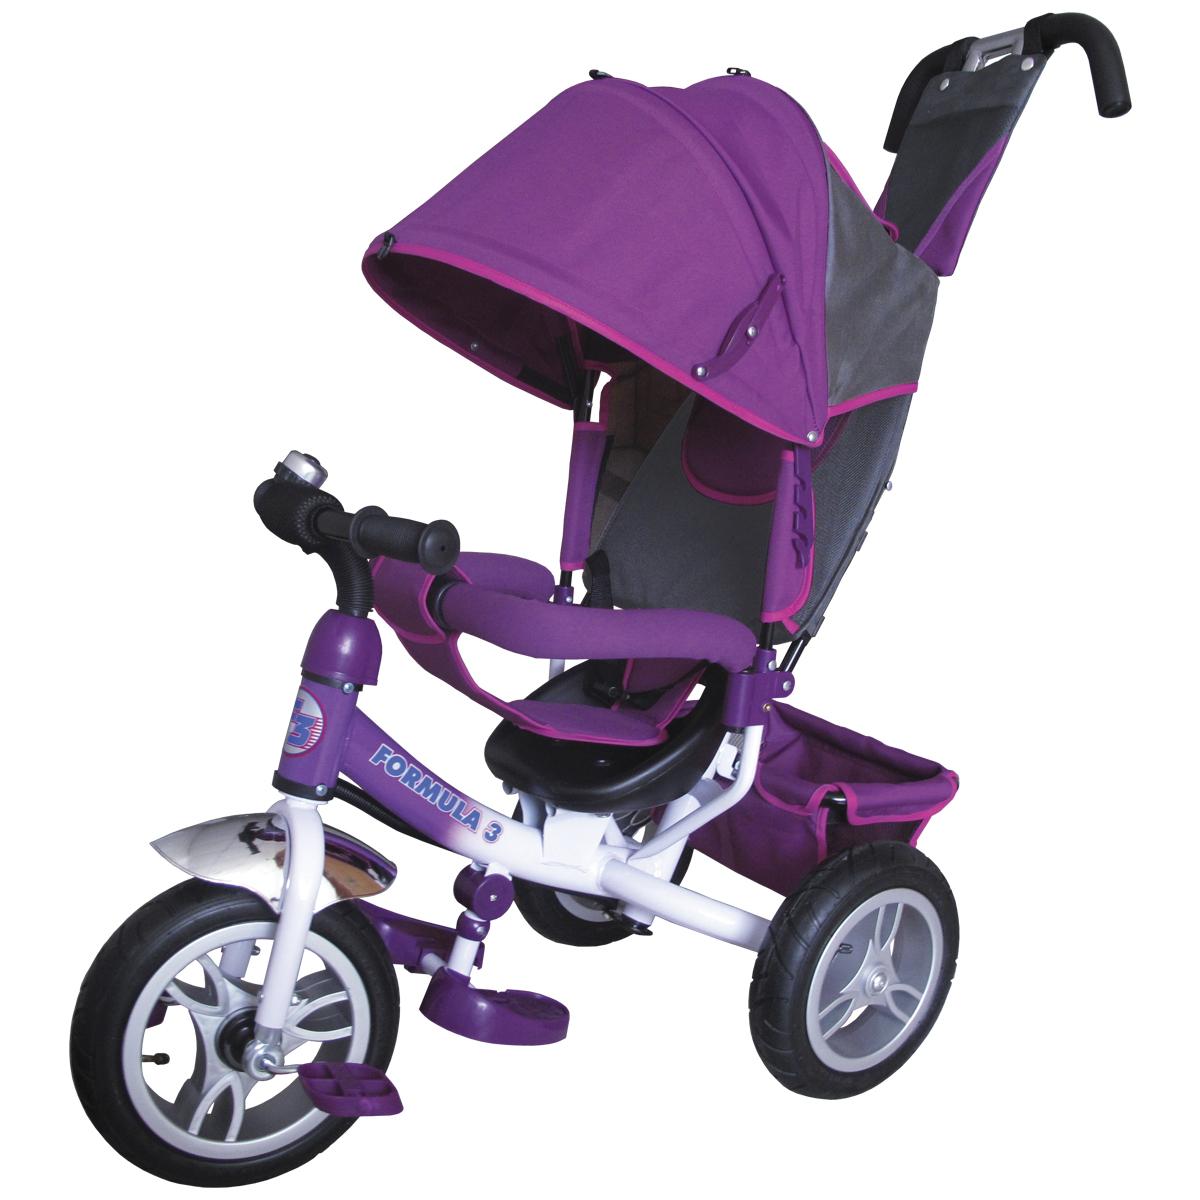 Formula 3 Велосипед трехколесный цвет фиолетовый FA3V - Велосипеды-каталки